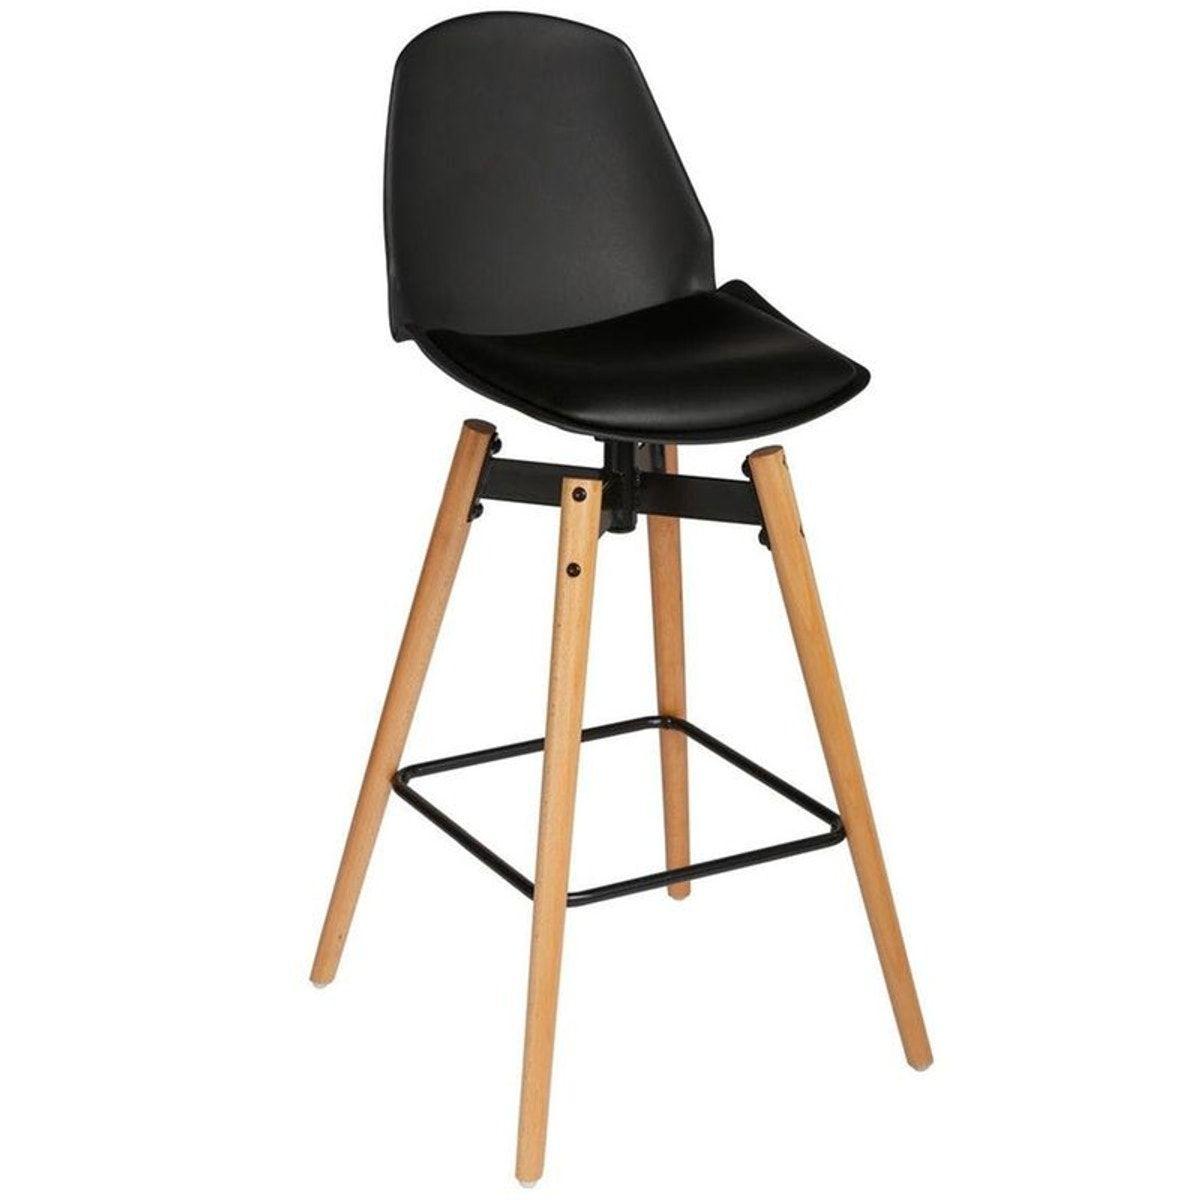 Chaise De Bar Assise En Pu Noir Et Pieds Bois Naturel Avec Support Pieds 50x50xh104 5cm Avec Images Tabouret De Bar Chaise Bar Tabouret